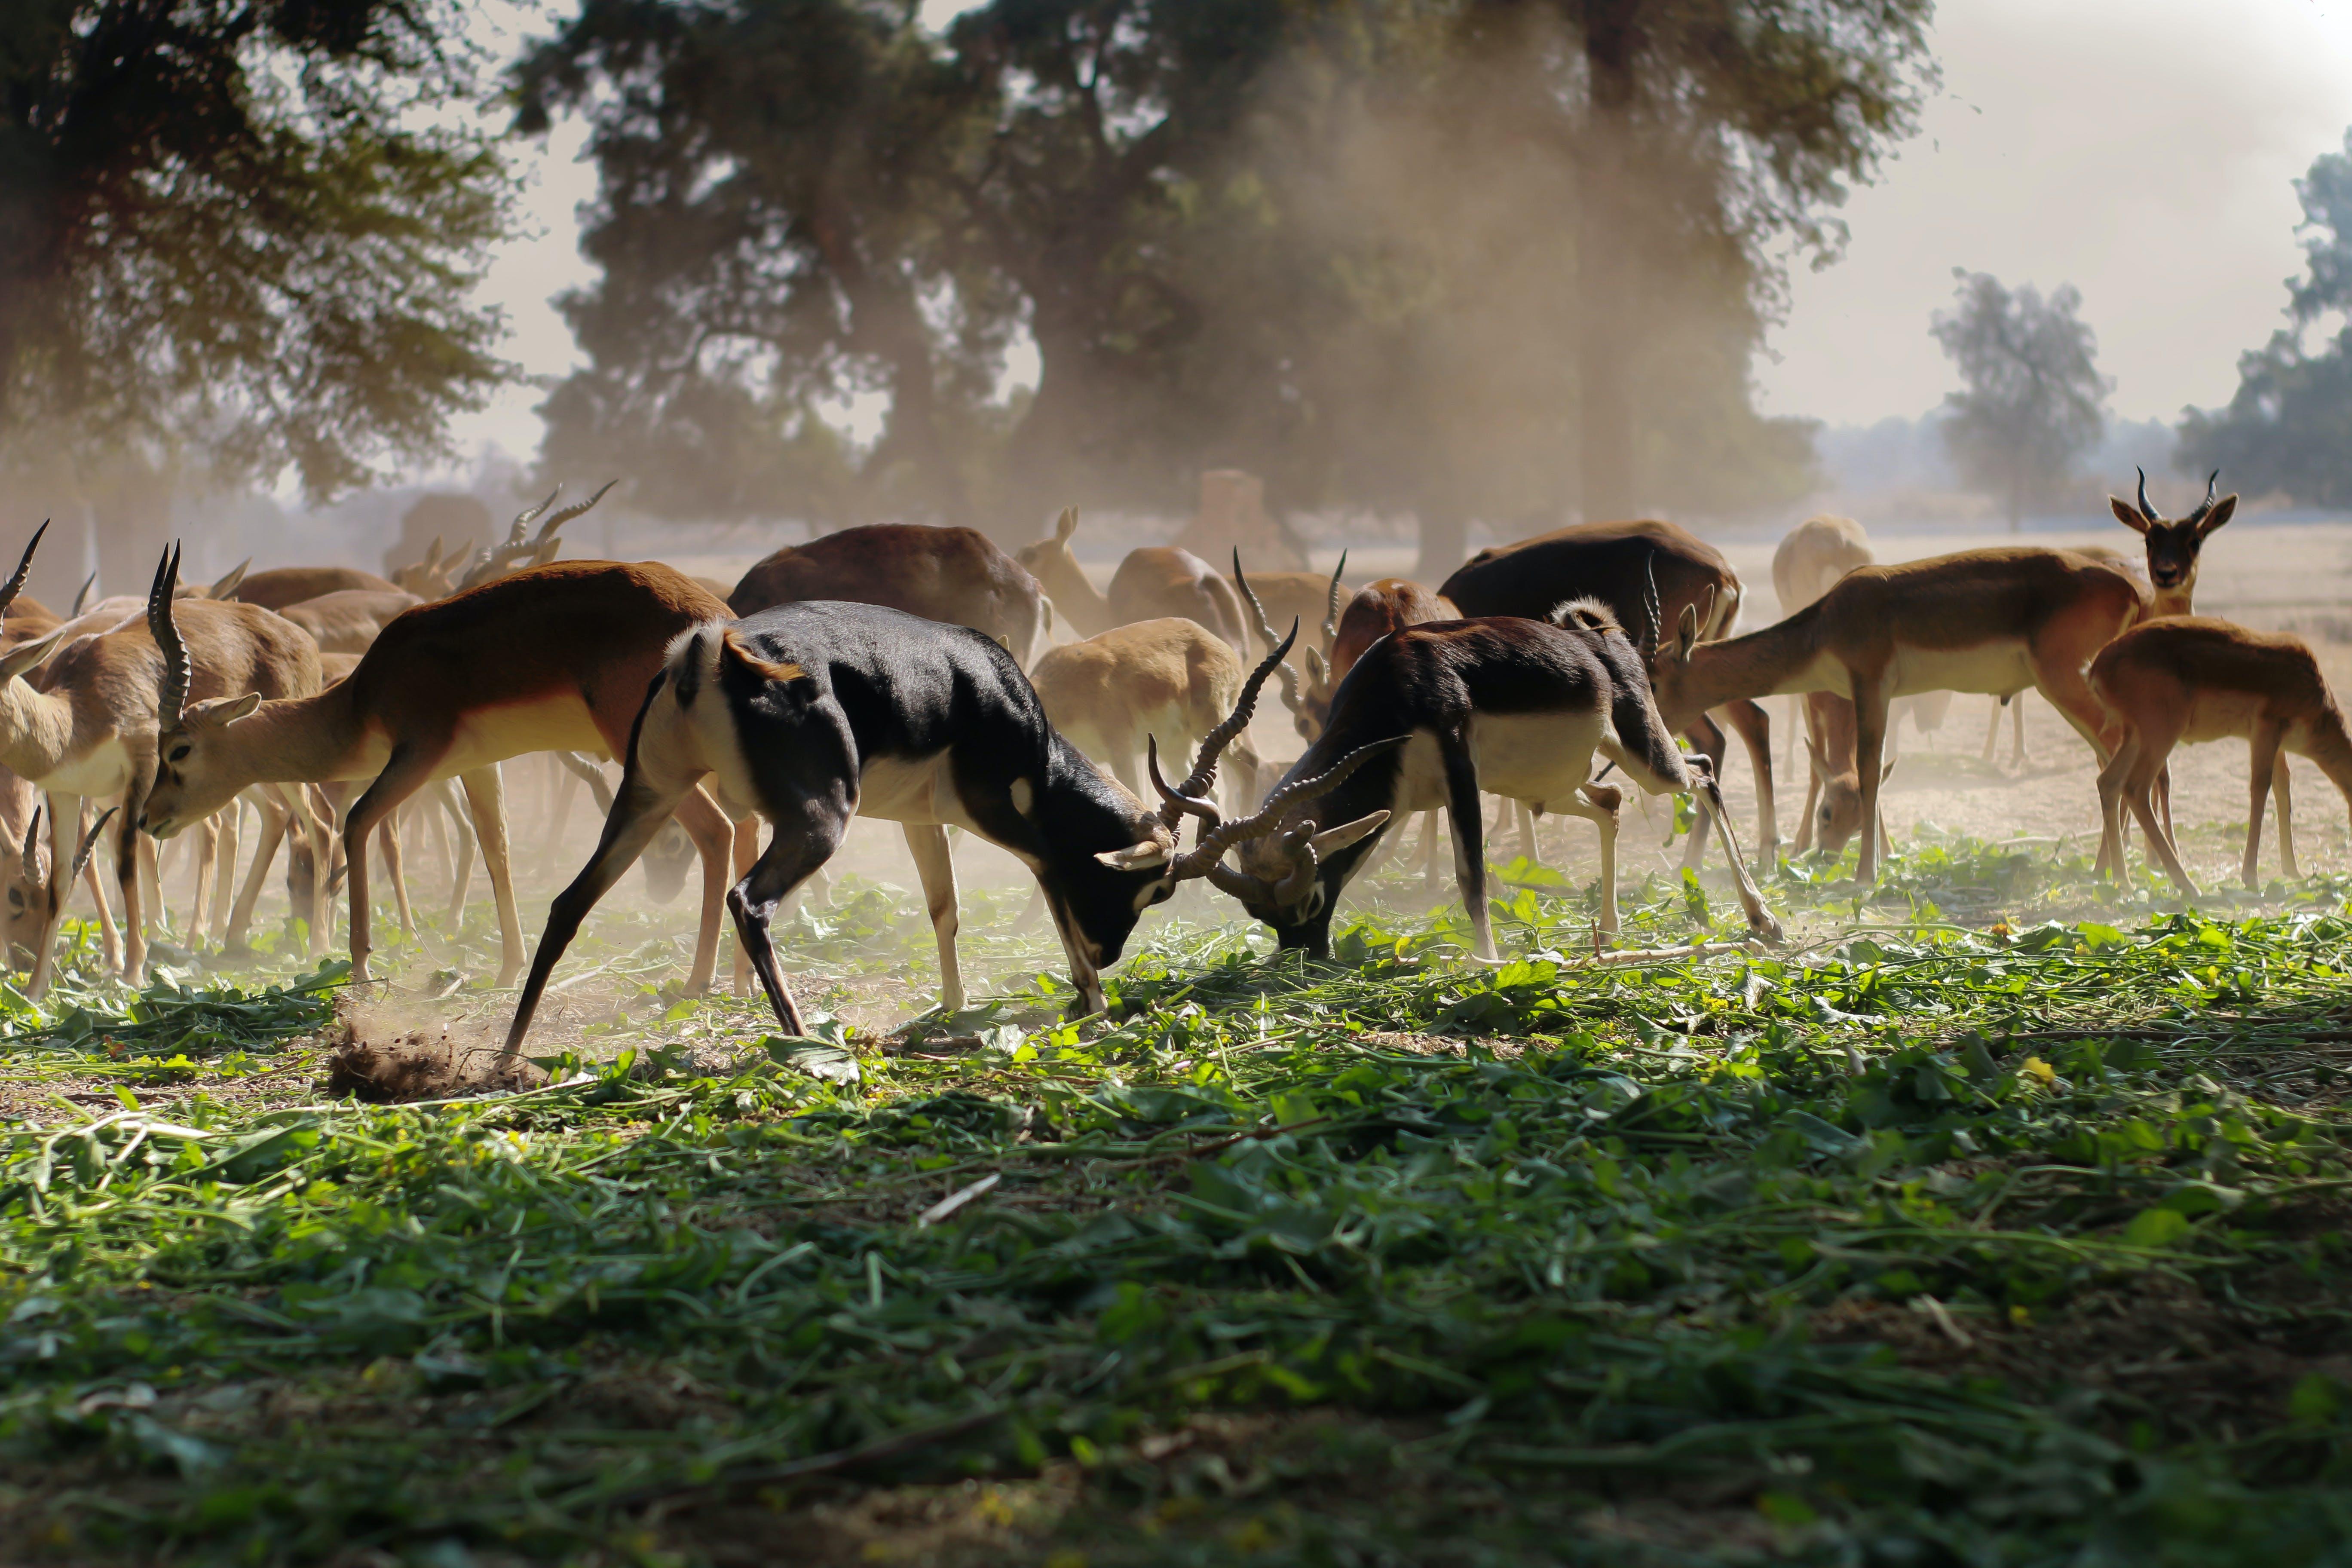 Flock of Brown Deer on Green Grass Field